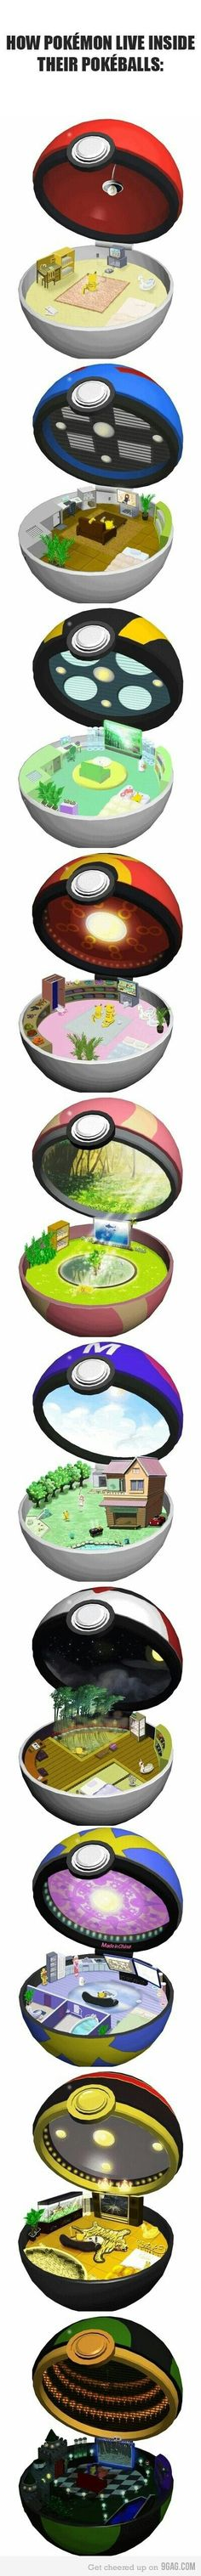 How Pokemon live inside a Pokeball